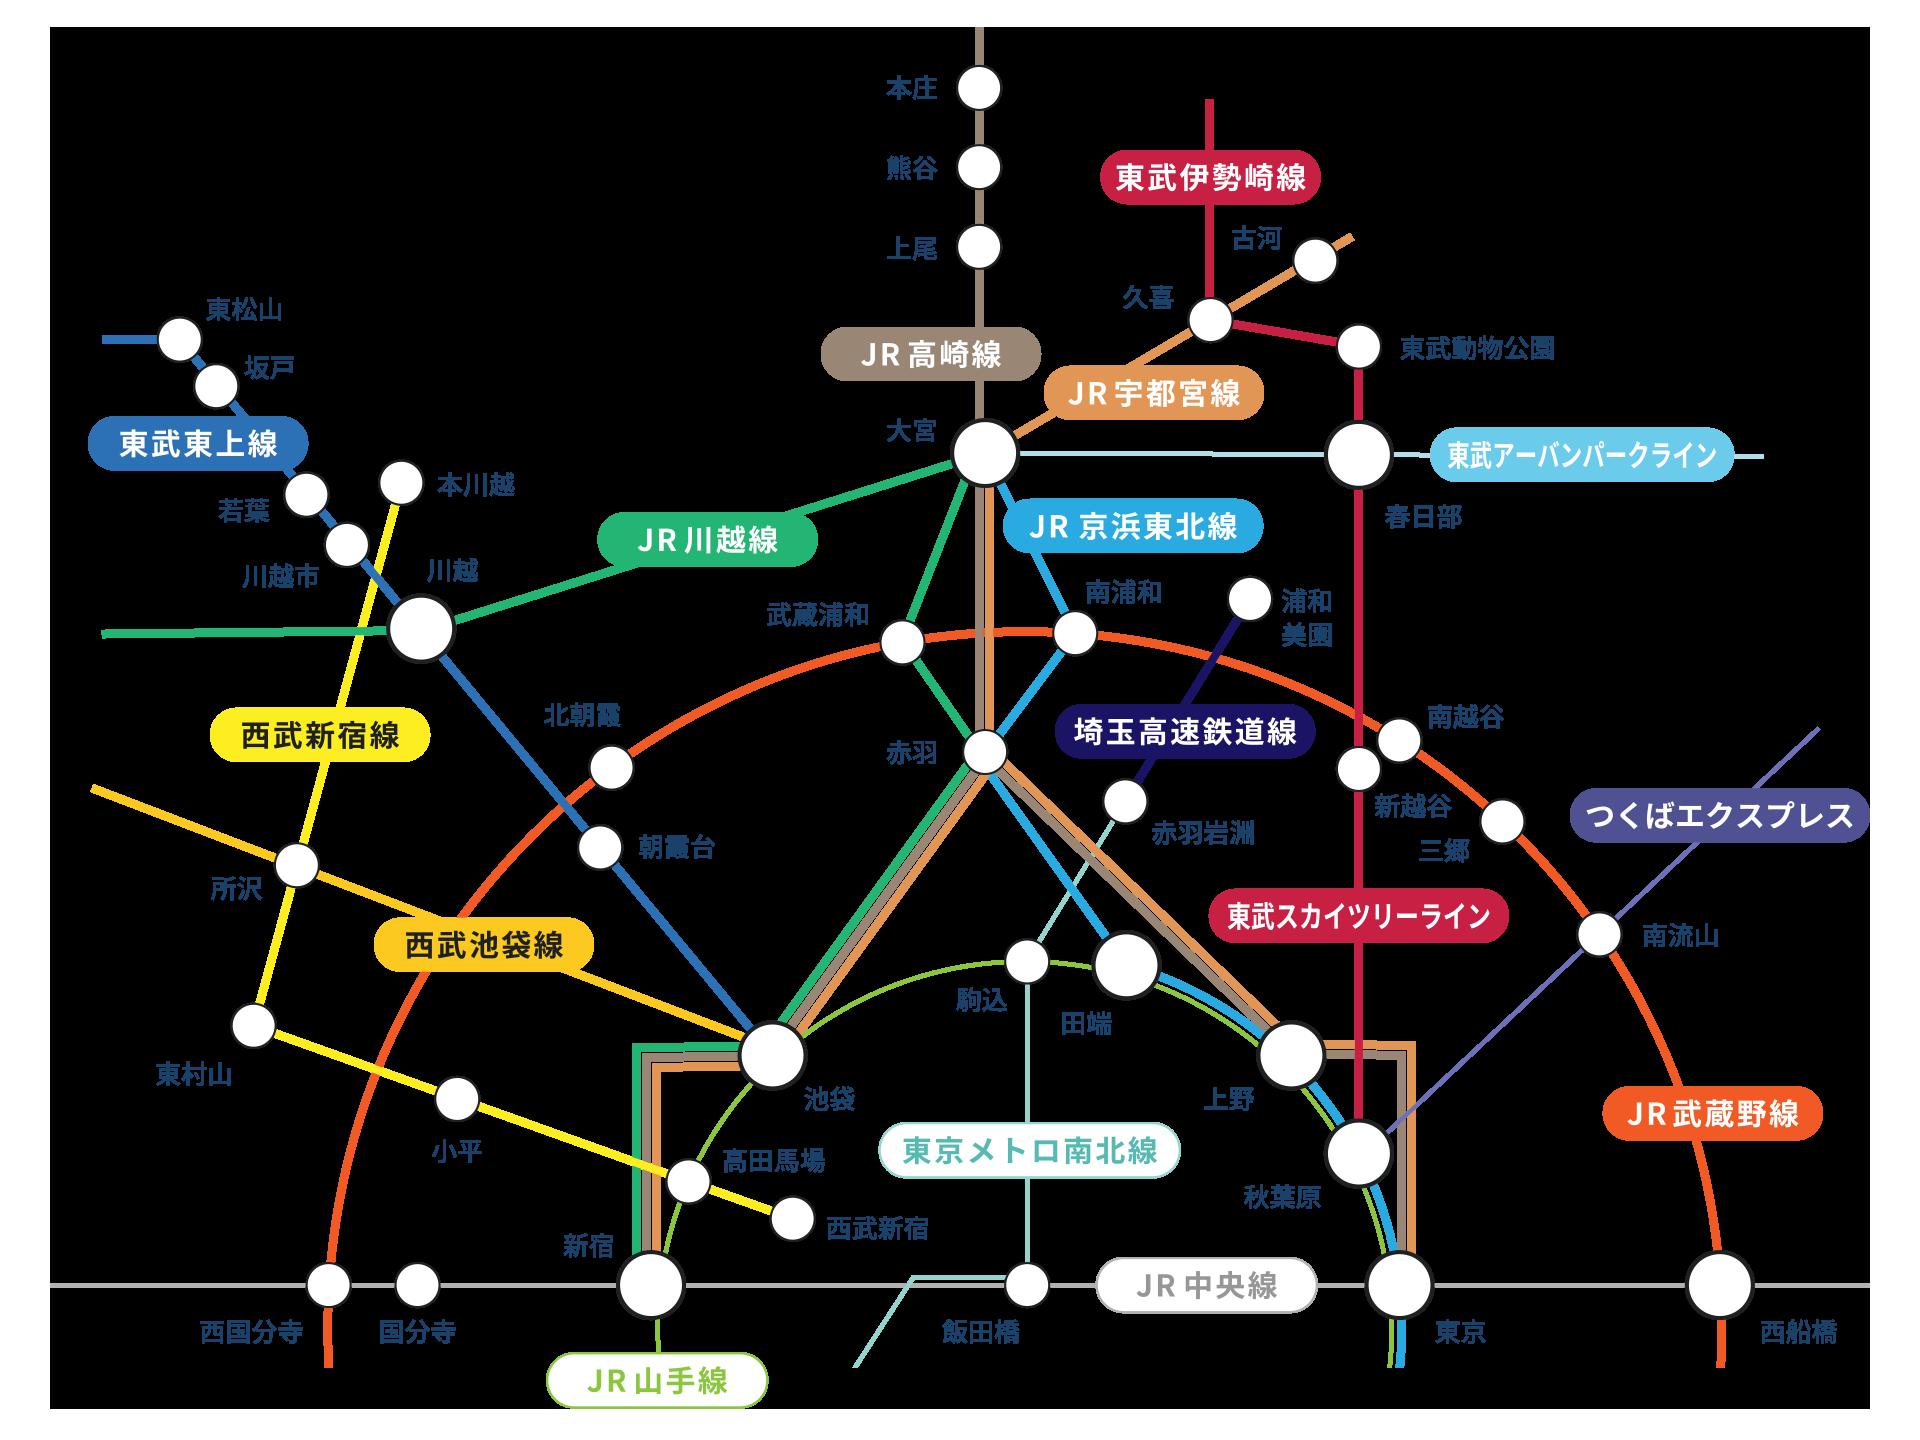 武蔵野線 路線図